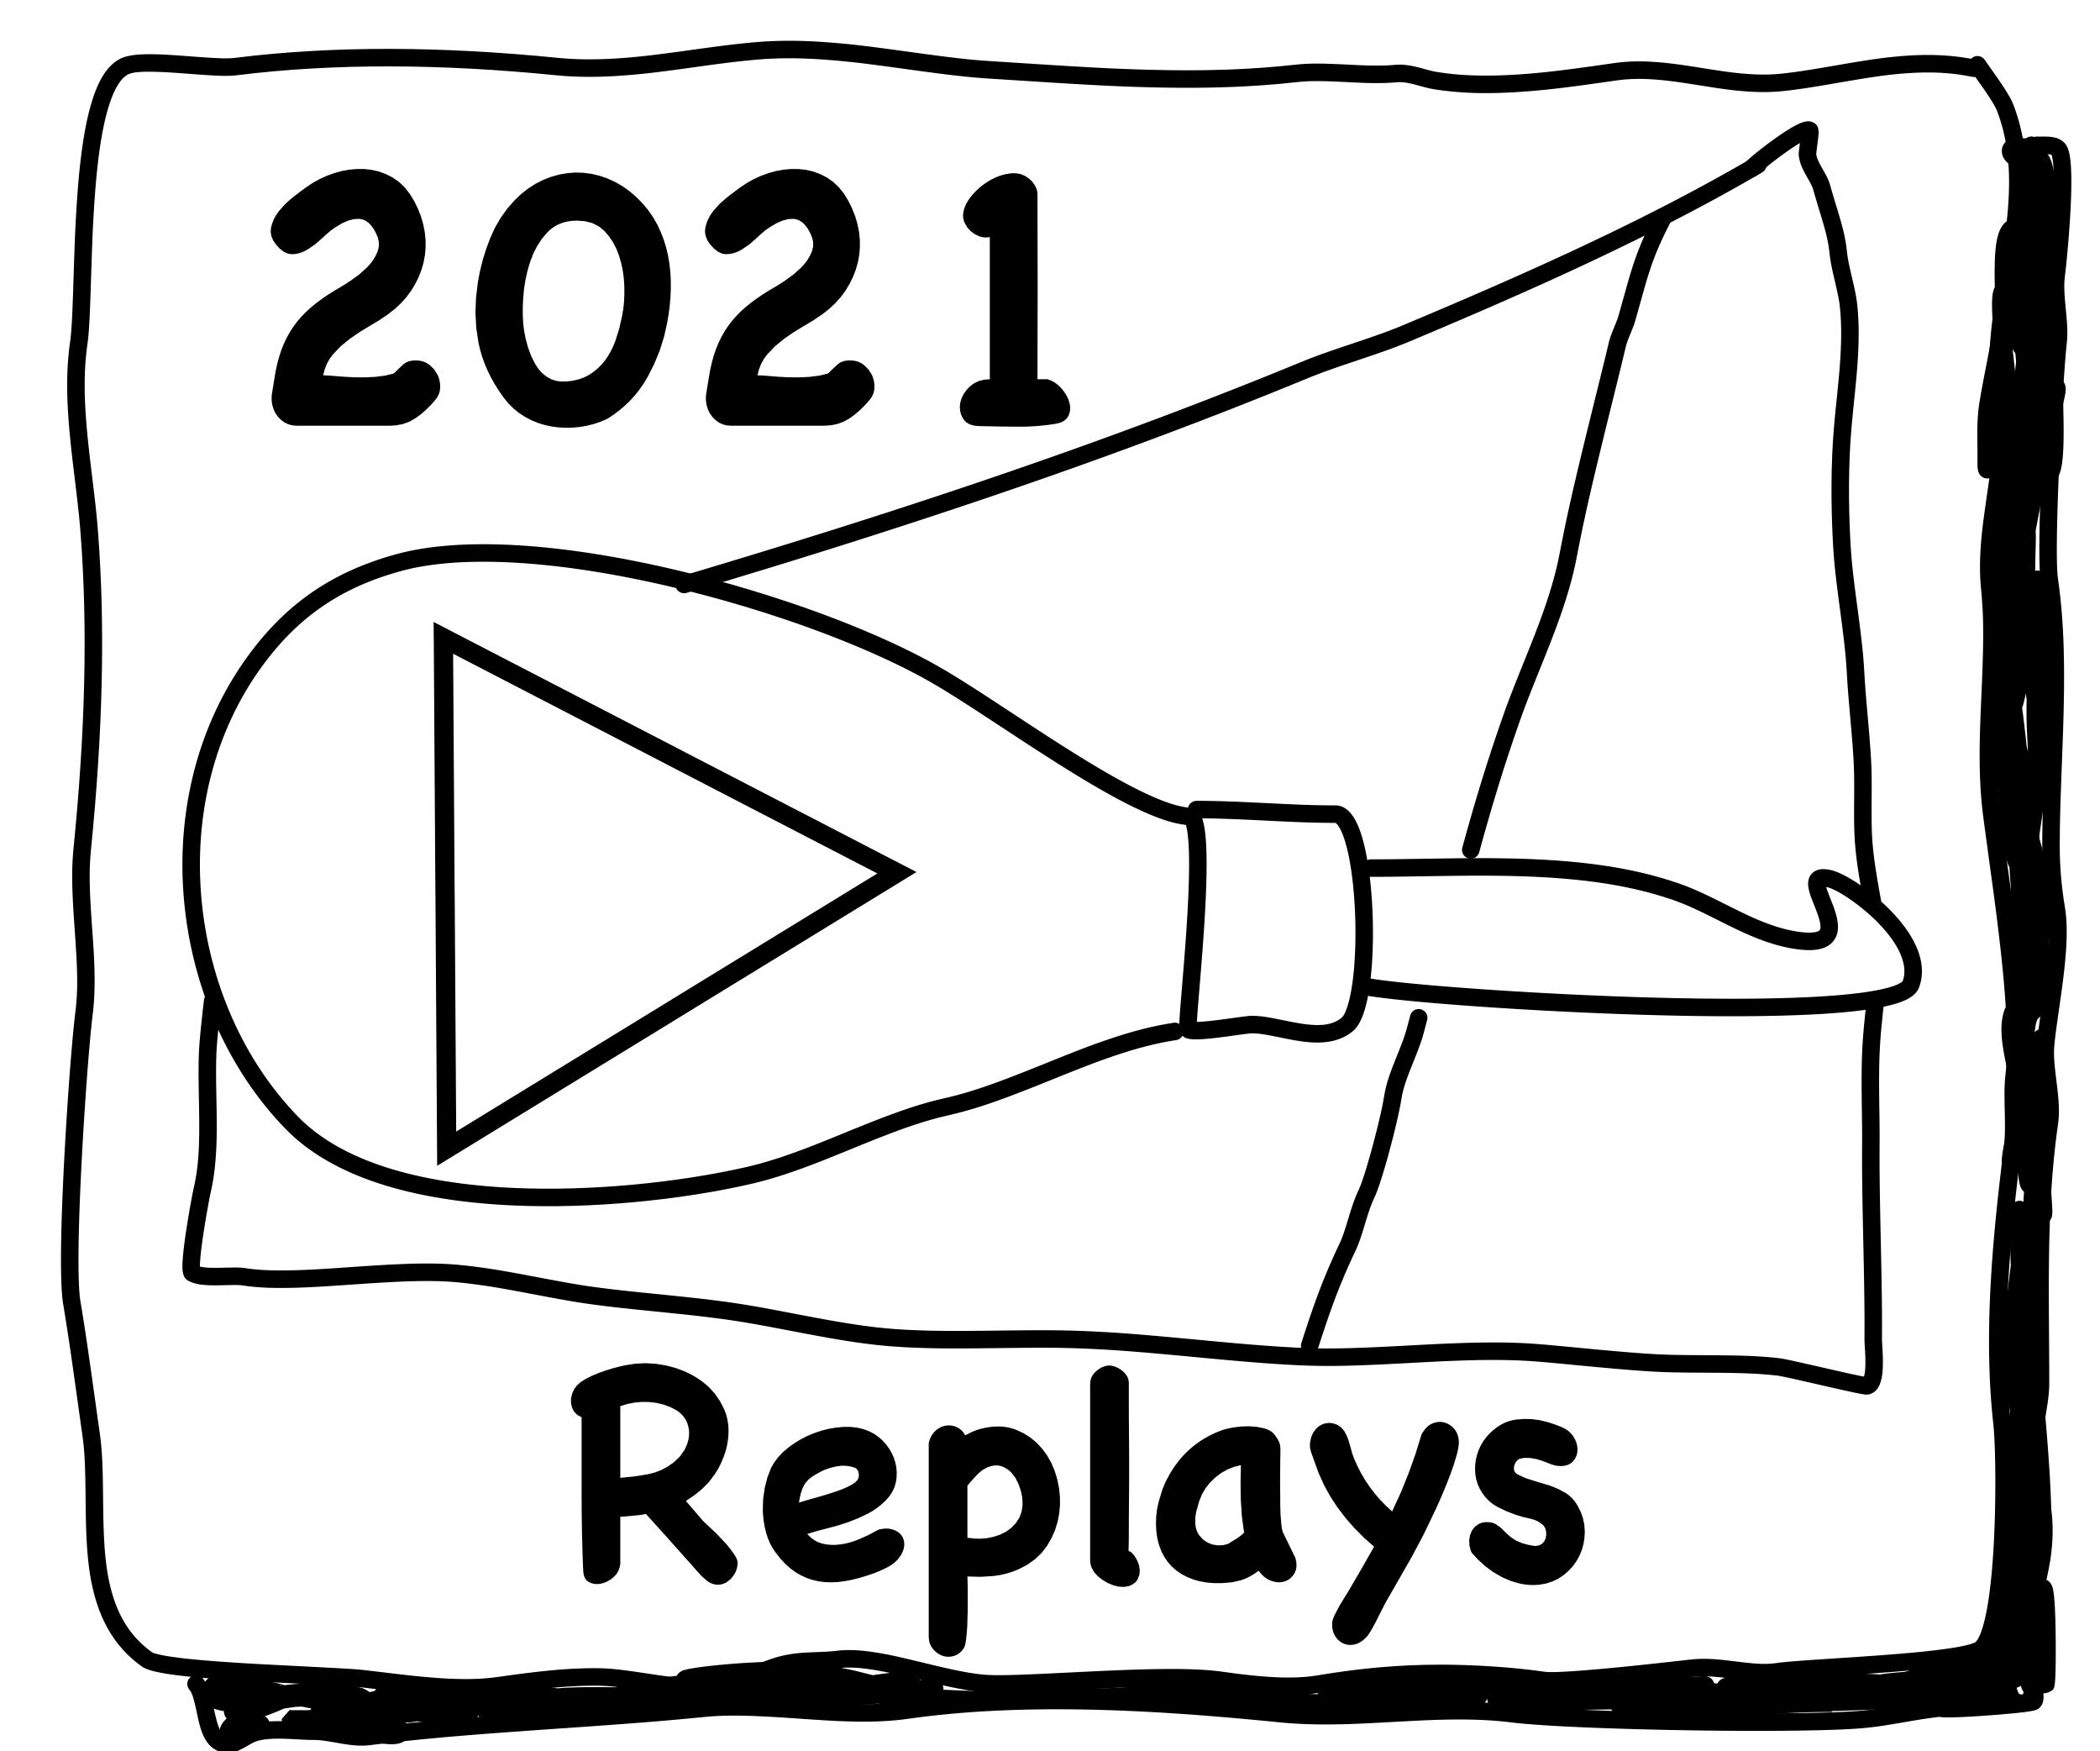 2021 Replays